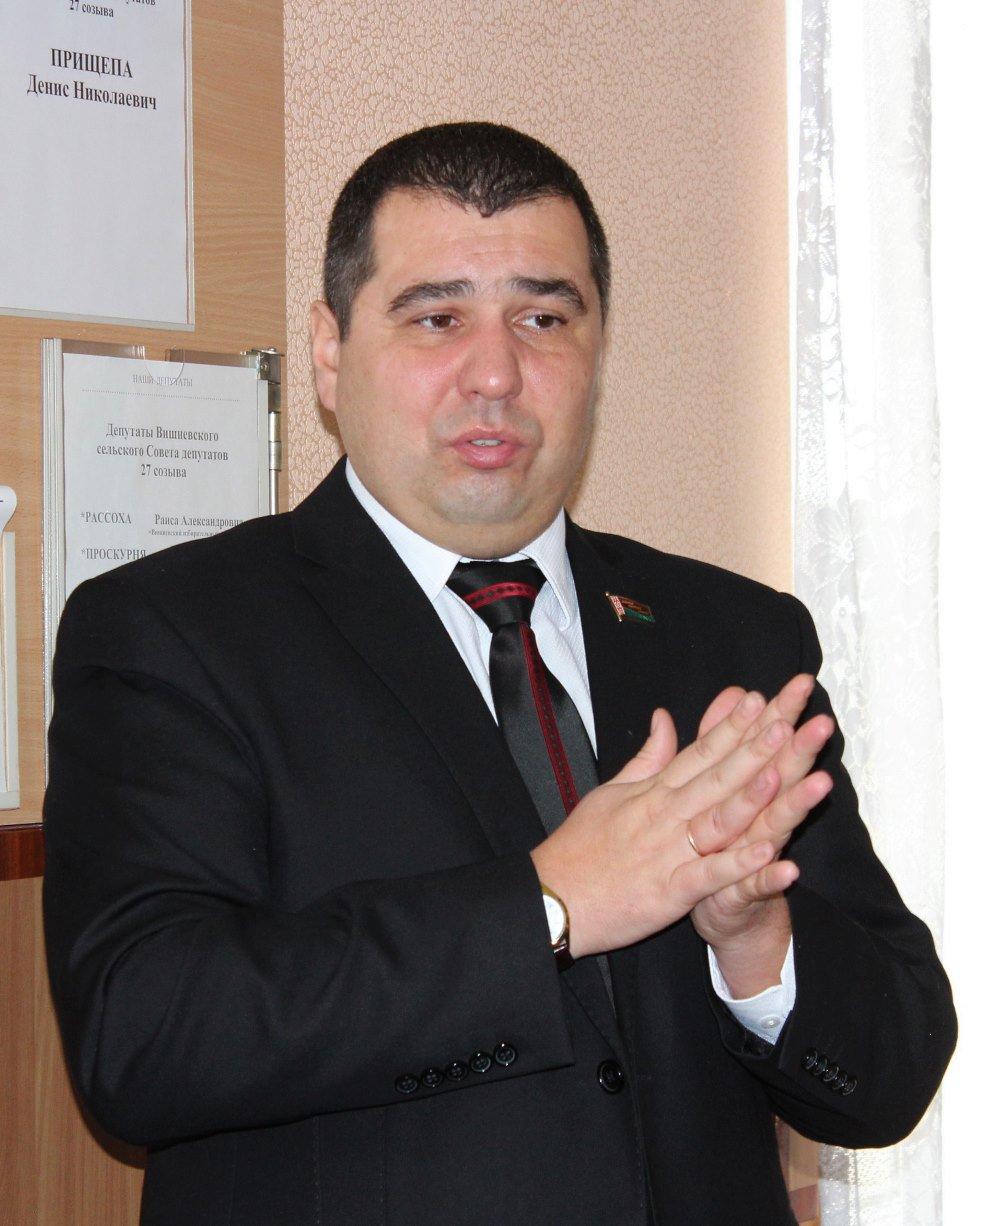 Денис Прищепа: «Сделано многое...»